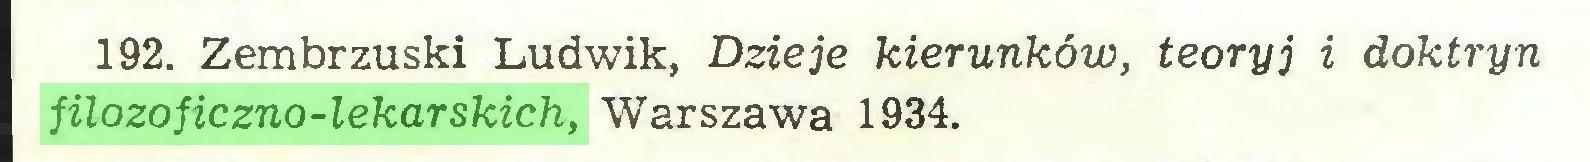 (...) 192. Zembrzuski Ludwik, Dzieje kierunków, teoryj i doktryn filozoficzno-lekarskich, Warszawa 1934...